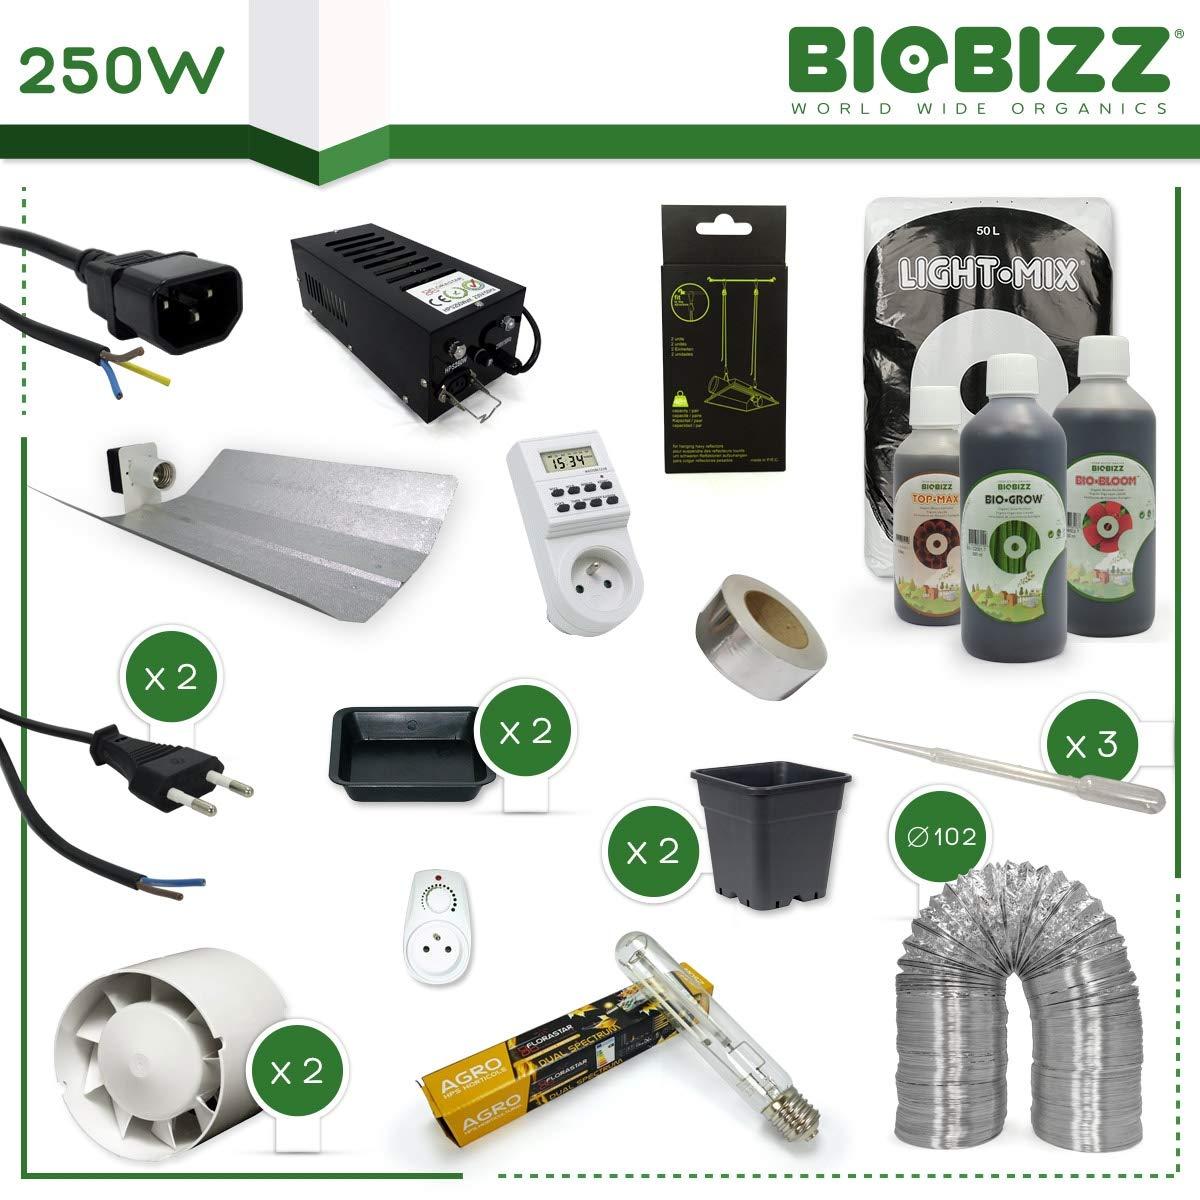 Pack cultura tierra 250 W - BioBizz Organics - 2 plantas: Amazon.es: Jardín